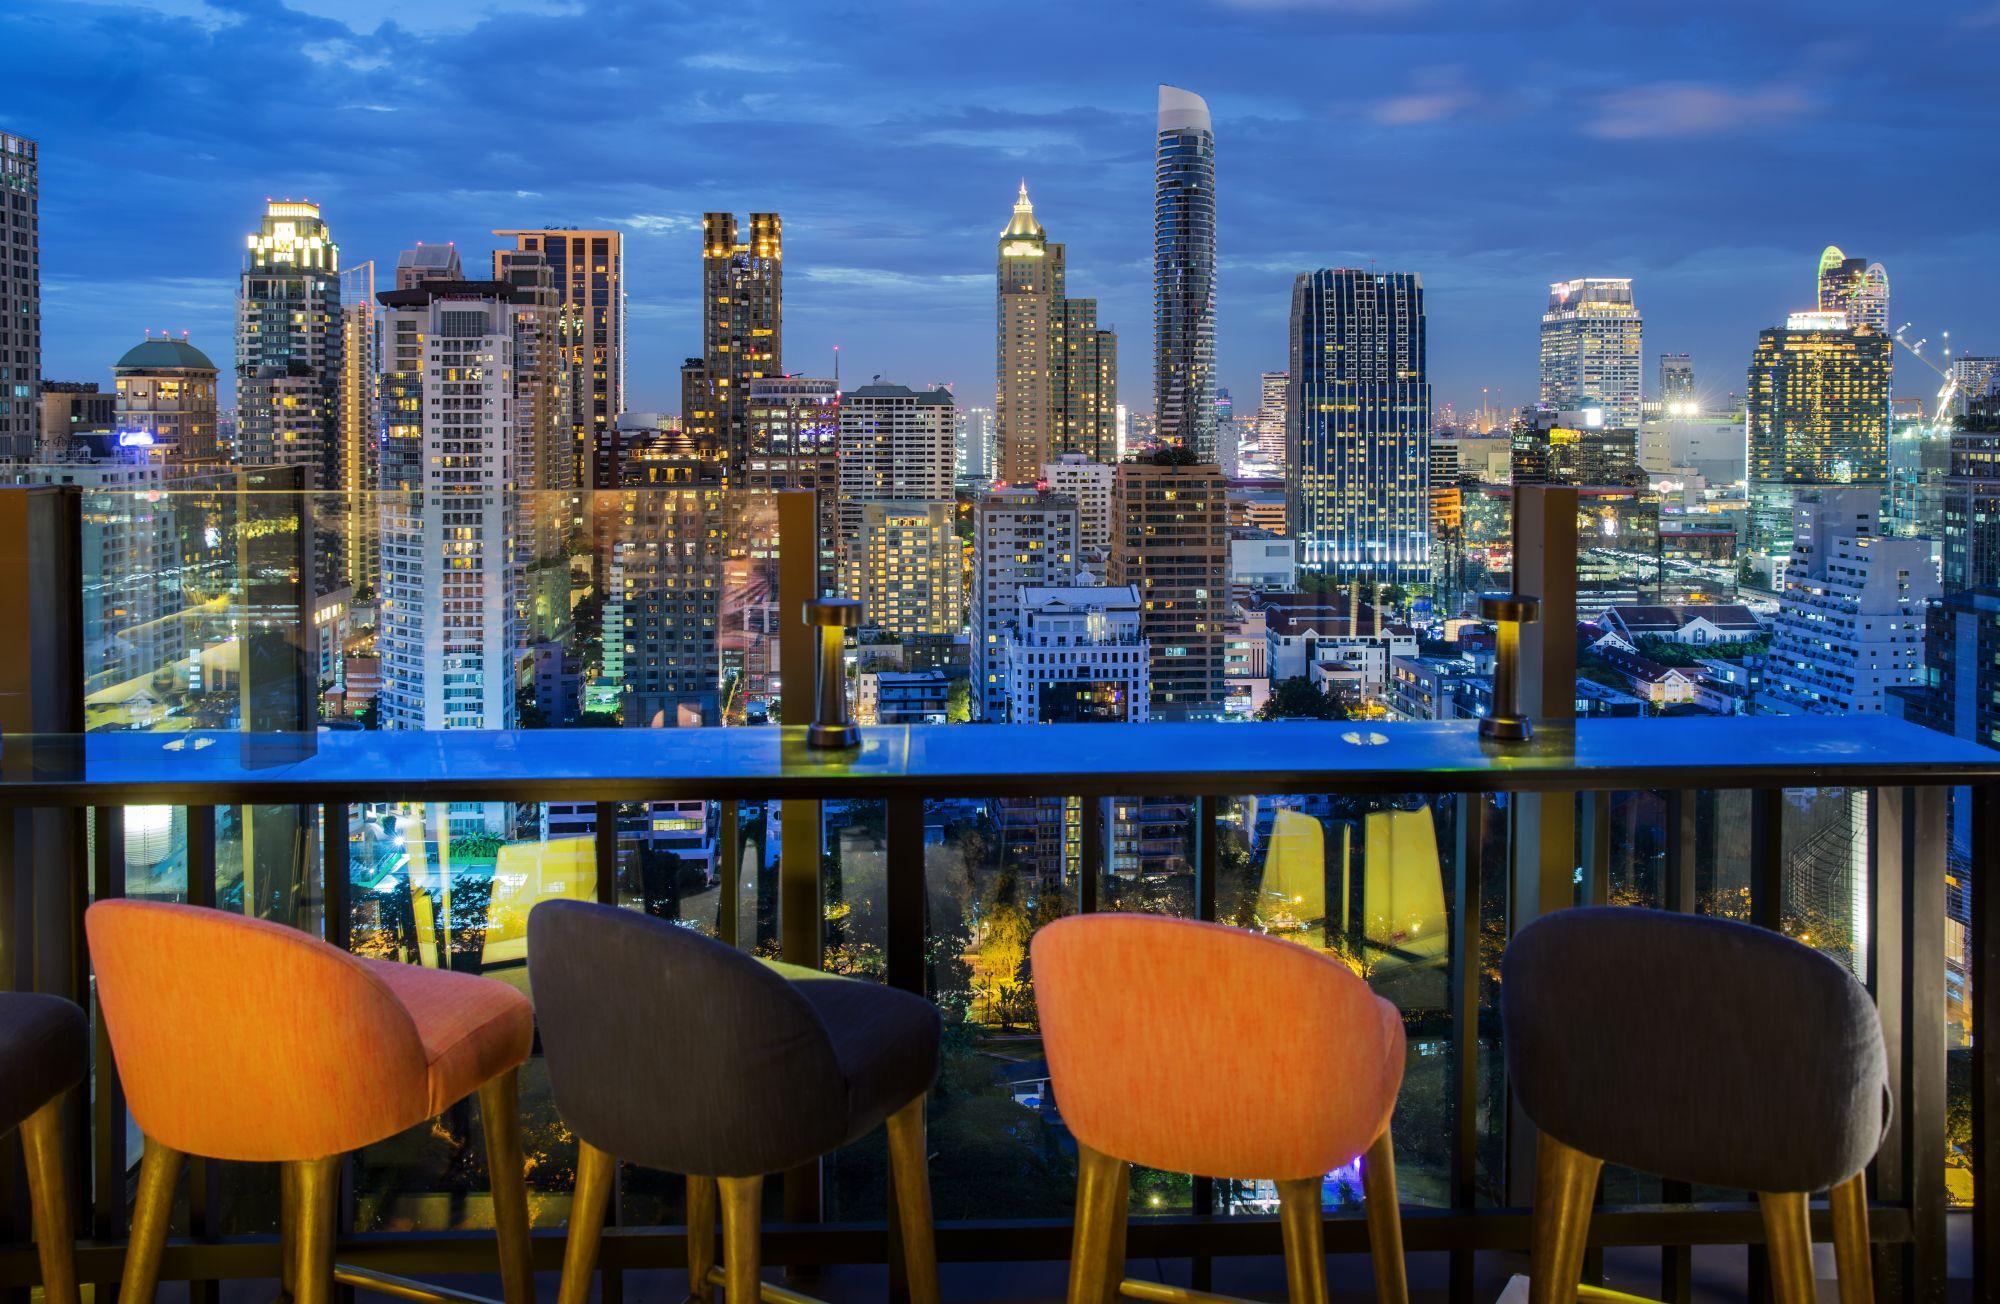 Thailand Bangkok skybar